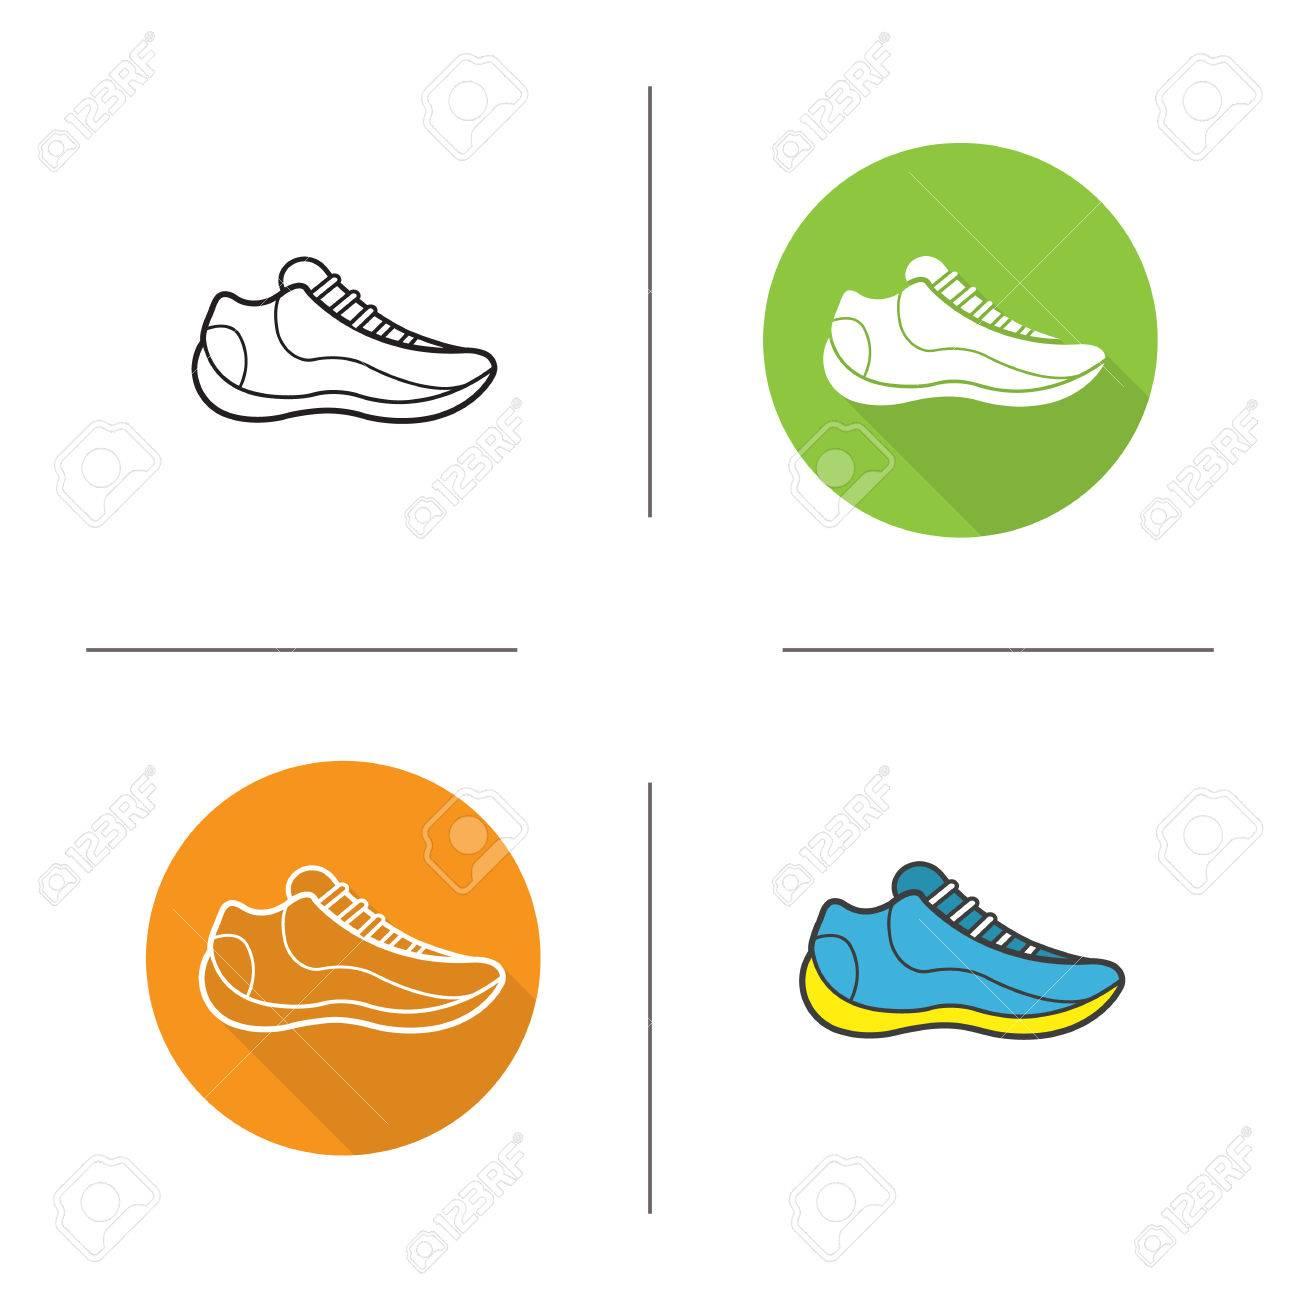 Ombre PlatLinéaire Sneaker Longue SportChaussure Symboles Et Icons Chaussures SetModerne Couleur Conception Contour De QtdrxCsh